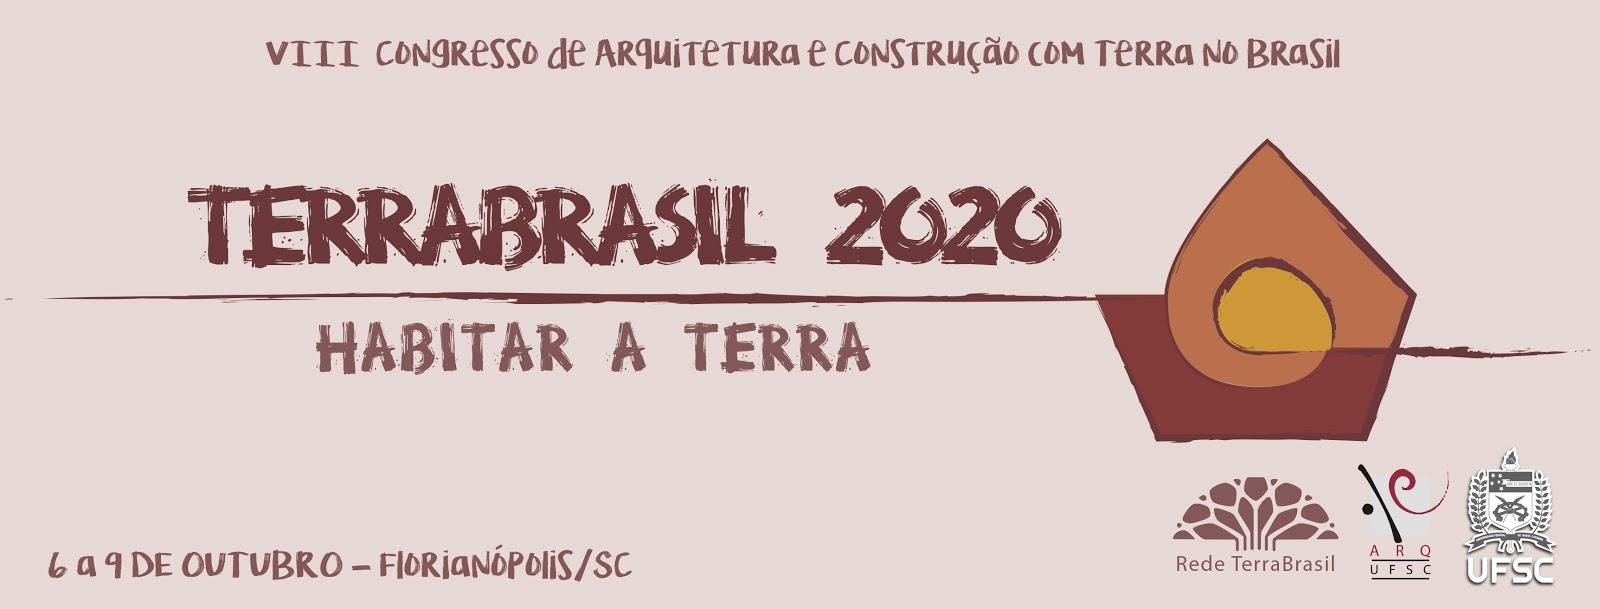 TerraBrasil 2020